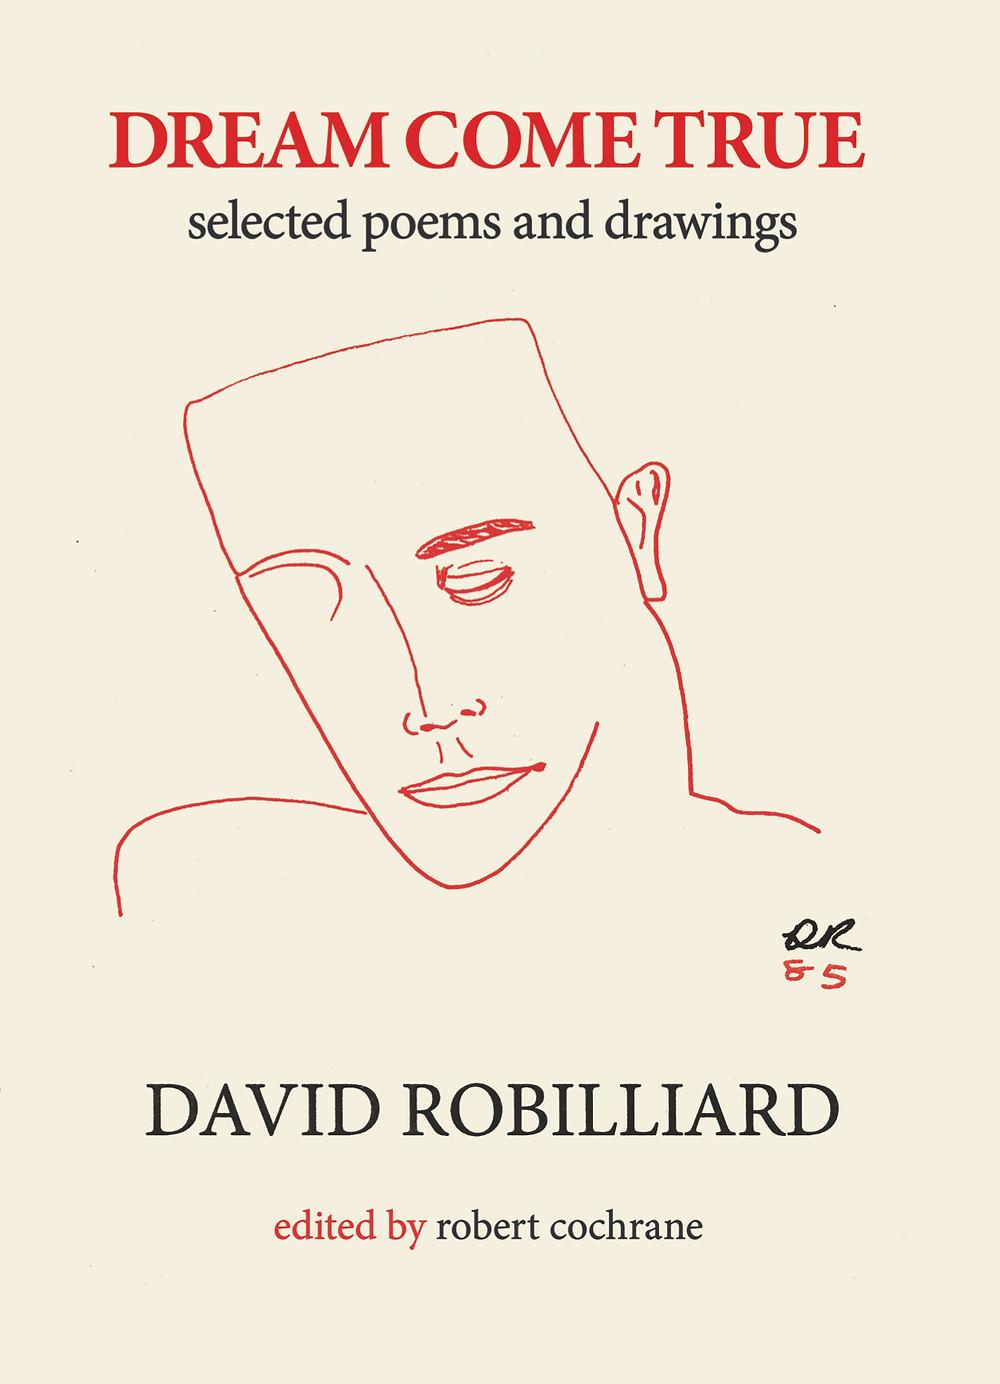 David Robilliard Dream Come True / Gilbert and George / Bad Press